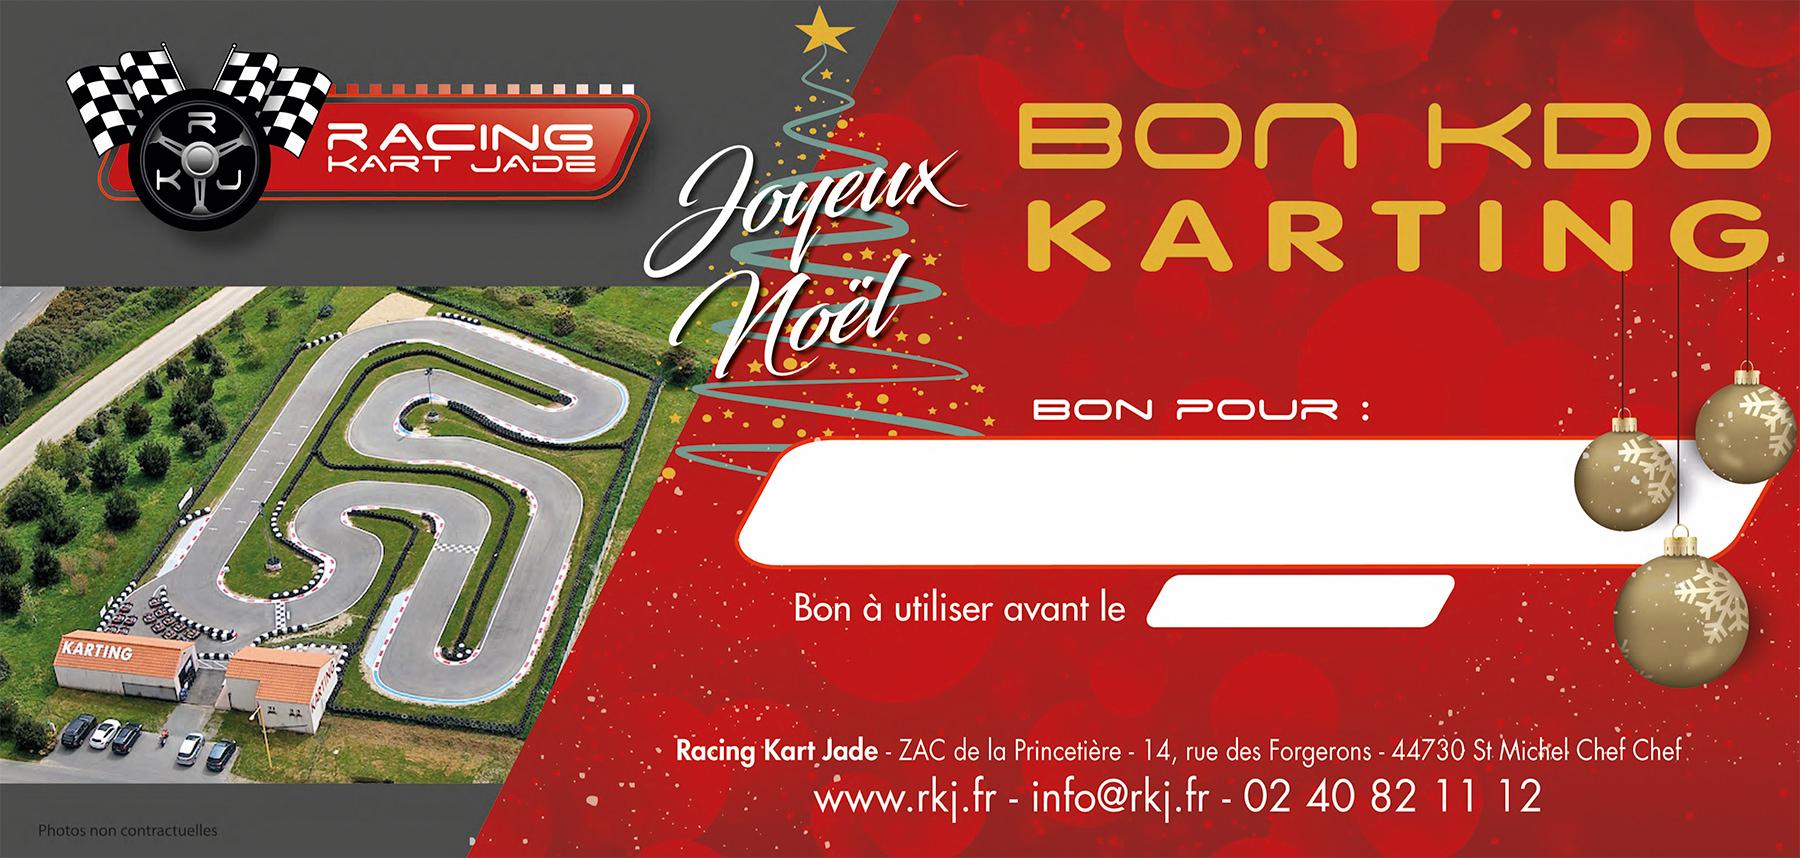 bon cadeau noel 2018 RKJ   Cadeau exceptionnel pour Noël: Offrez le bon cadeau karting  bon cadeau noel 2018